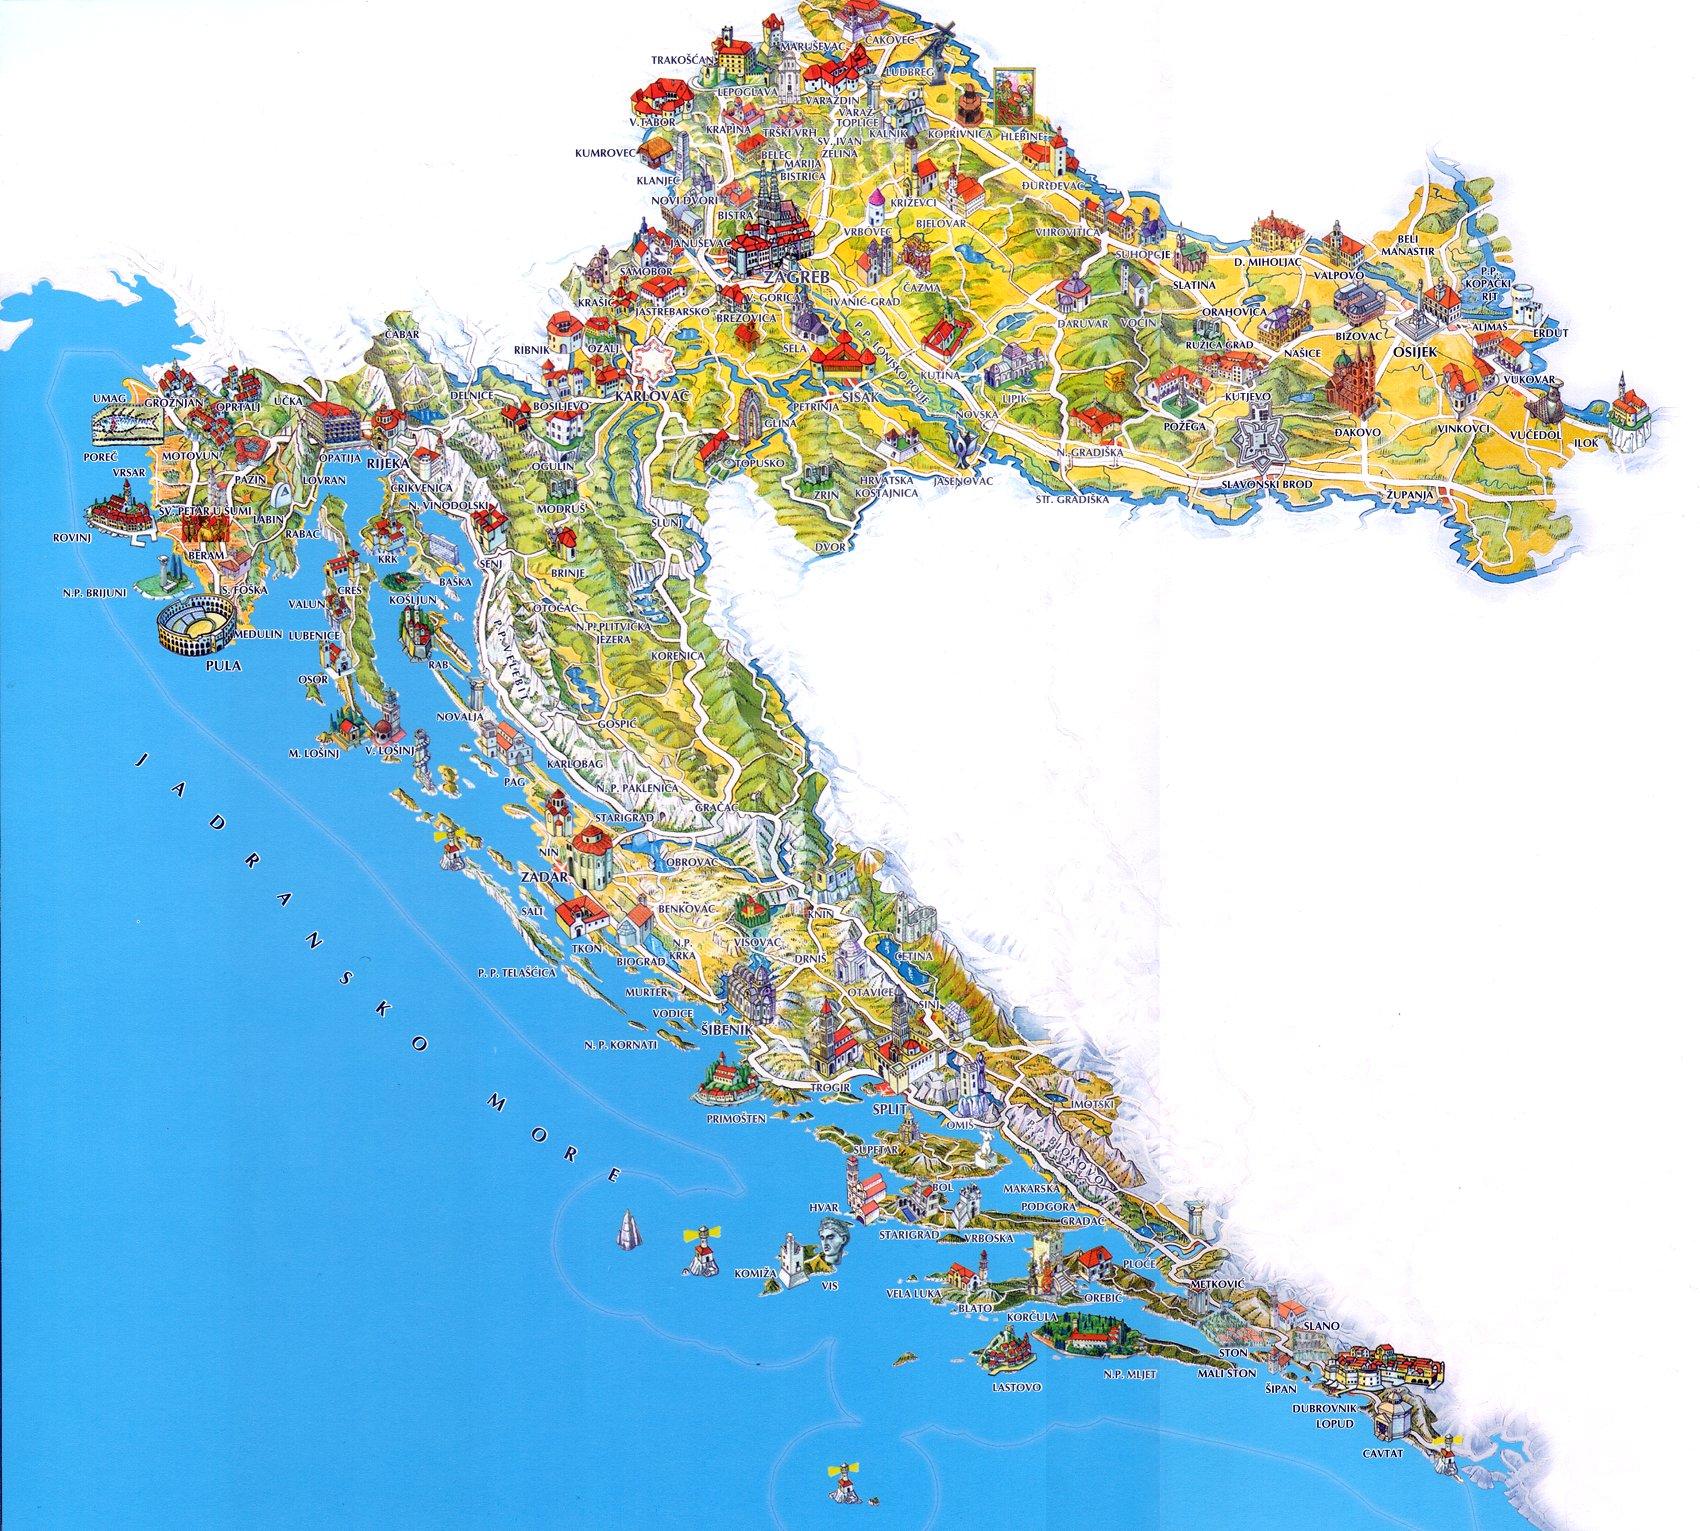 Carte De La Croatie Touristique.Carte De La Croatie Guide Tourisme Croatie